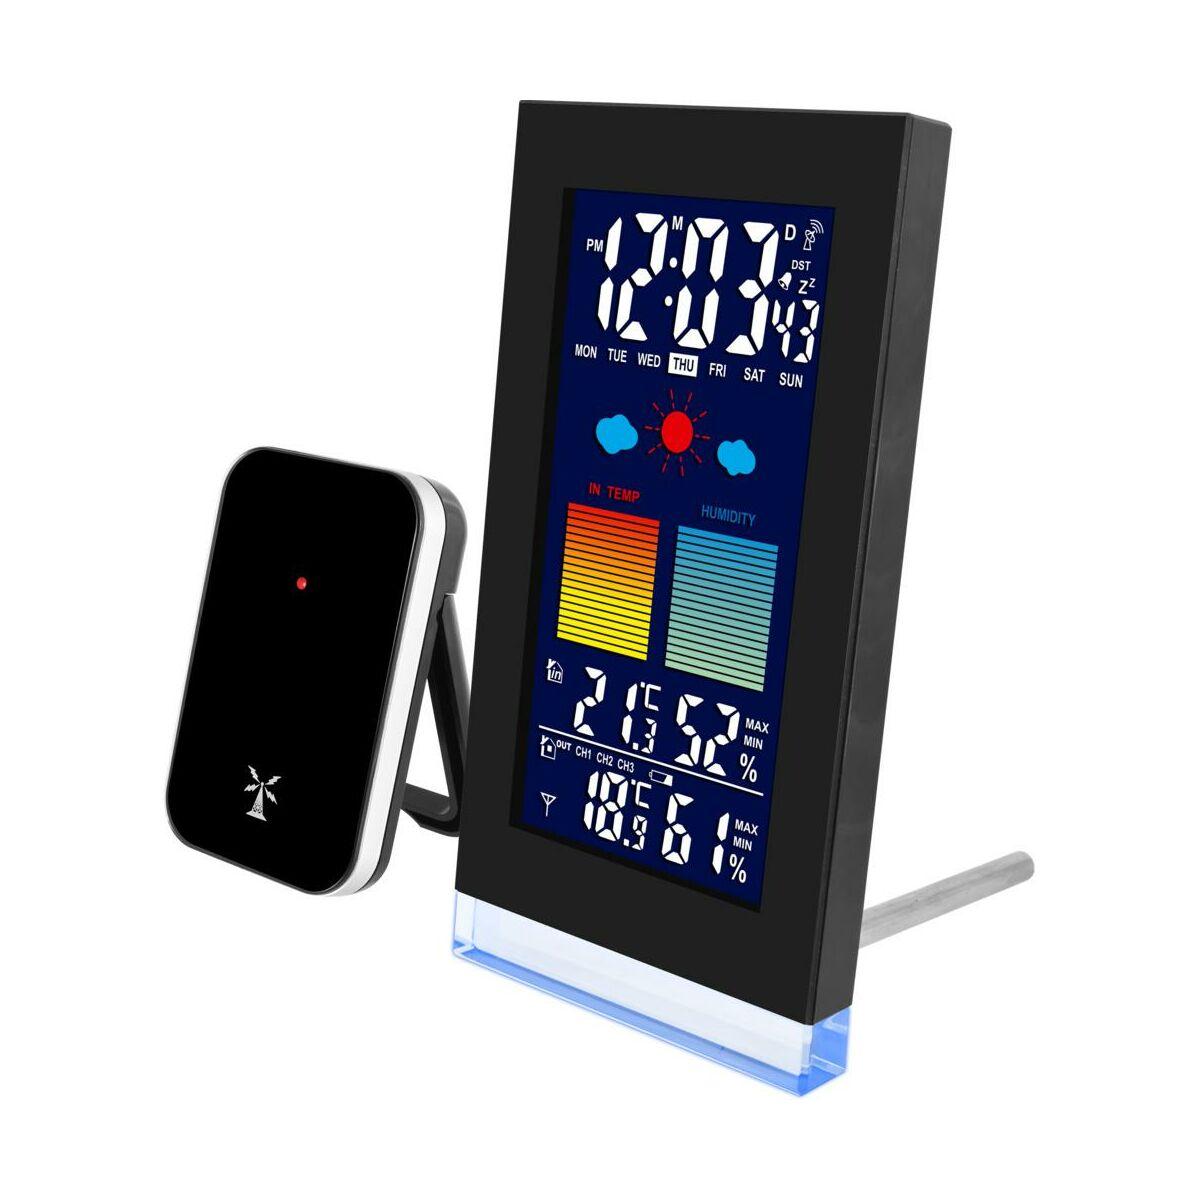 stacja pogody 180308 biowin stacje pogody w. Black Bedroom Furniture Sets. Home Design Ideas